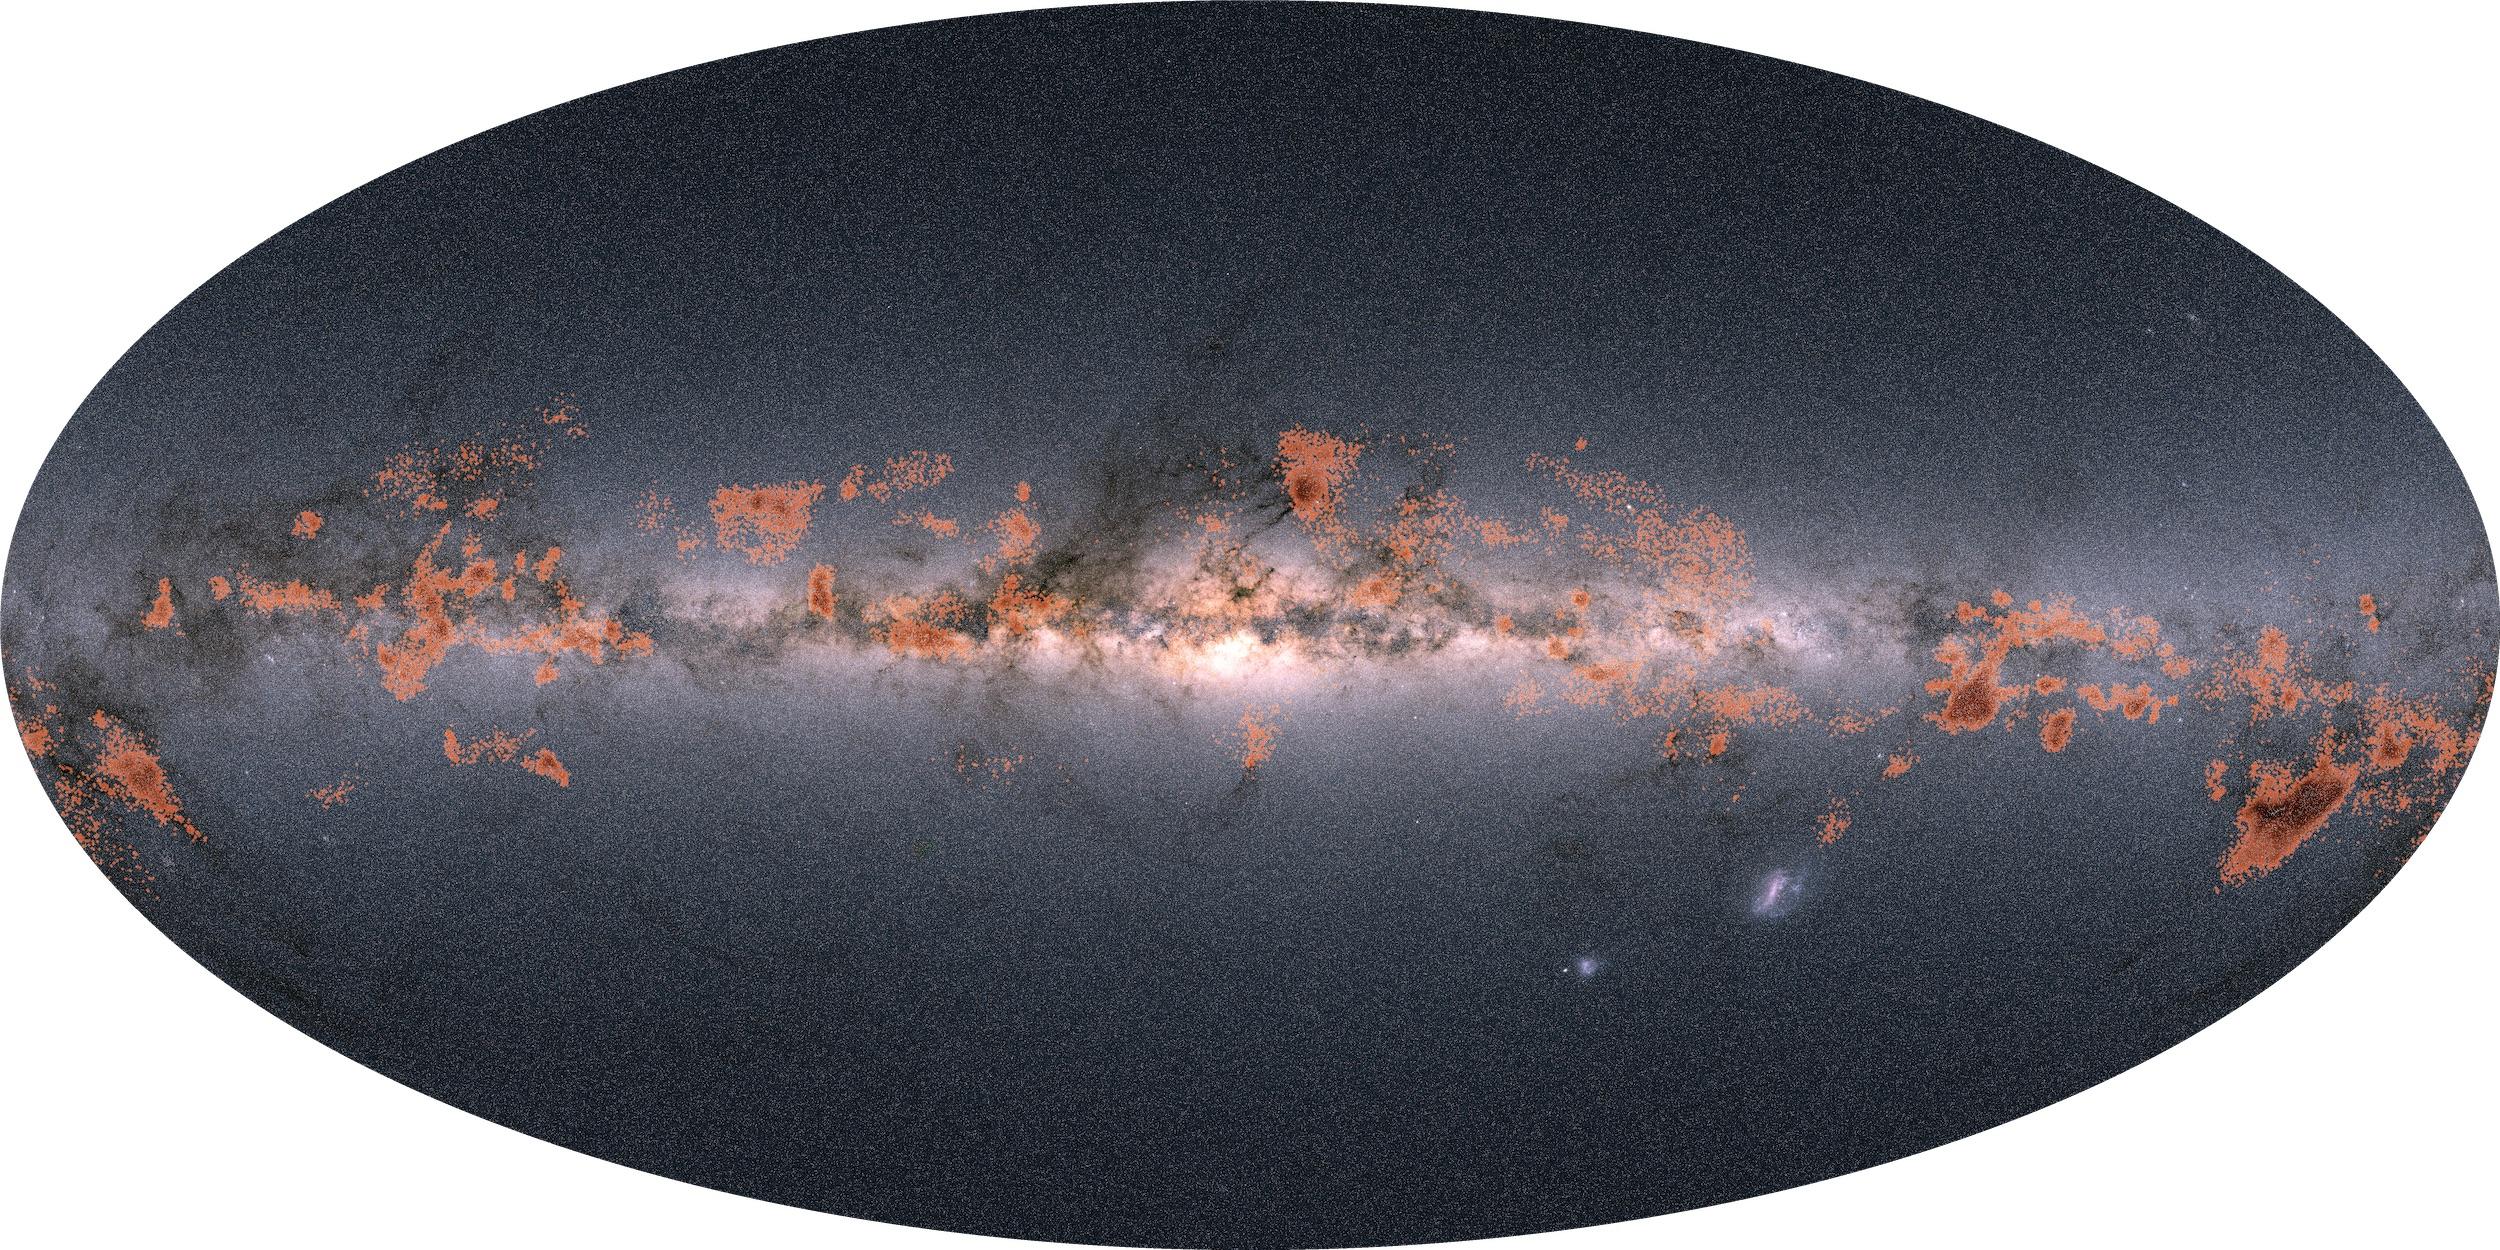 Rymdteleskopet Gaia avslöjar nya fakta om Vintergatans stjärnor